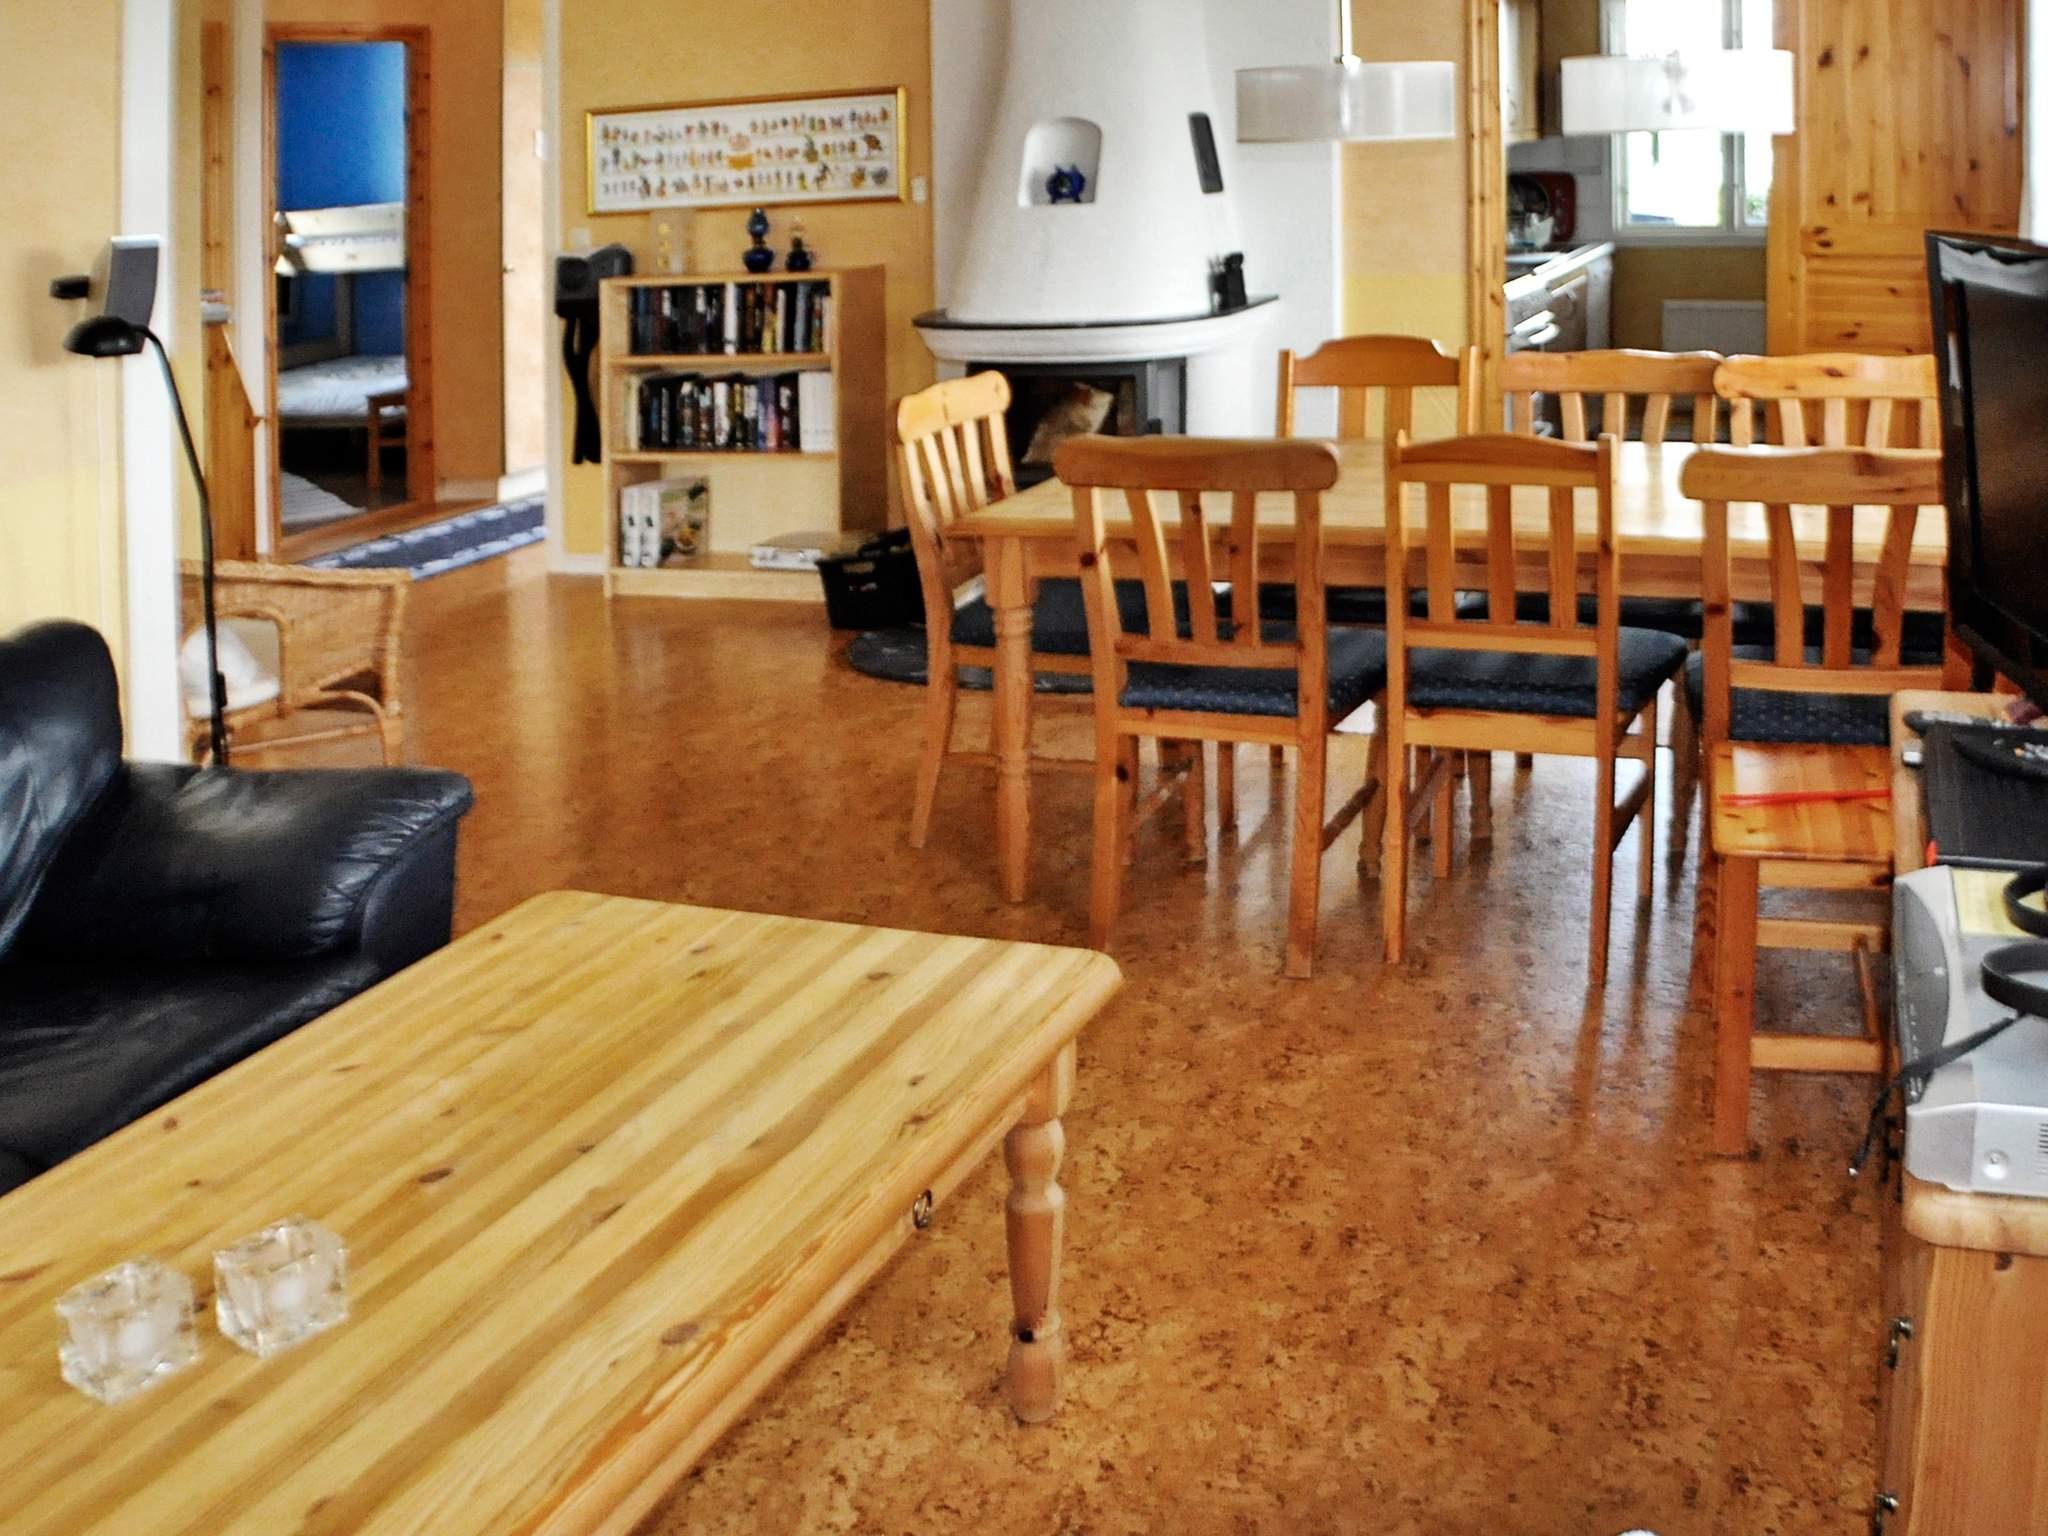 Ferienhaus Sunne (486560), Gräsmark, Värmlands län, Mittelschweden, Schweden, Bild 2